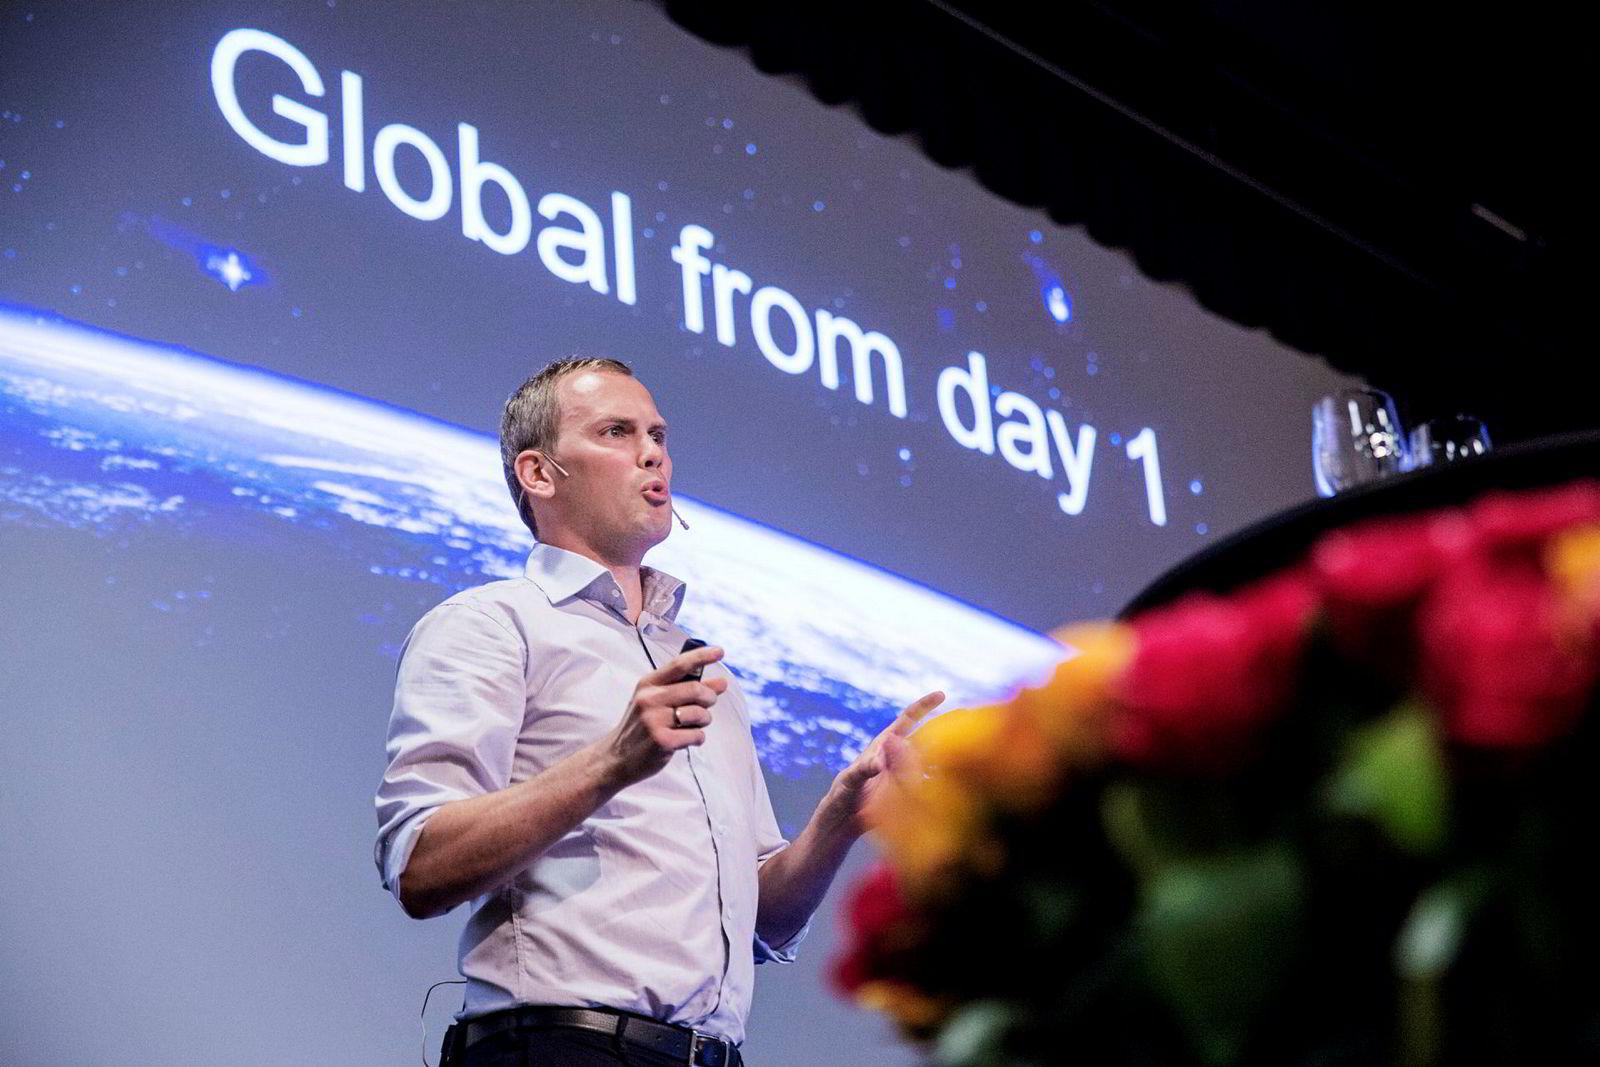 I august 2016 holdt Gelatos markedsdirektør, Christian Sæterhaug, et innlegg på Delingsøkonomikonferansen. På skjermen bak ham er anbefalingen til gründerkolleger krystallklar: «Global from day 1».